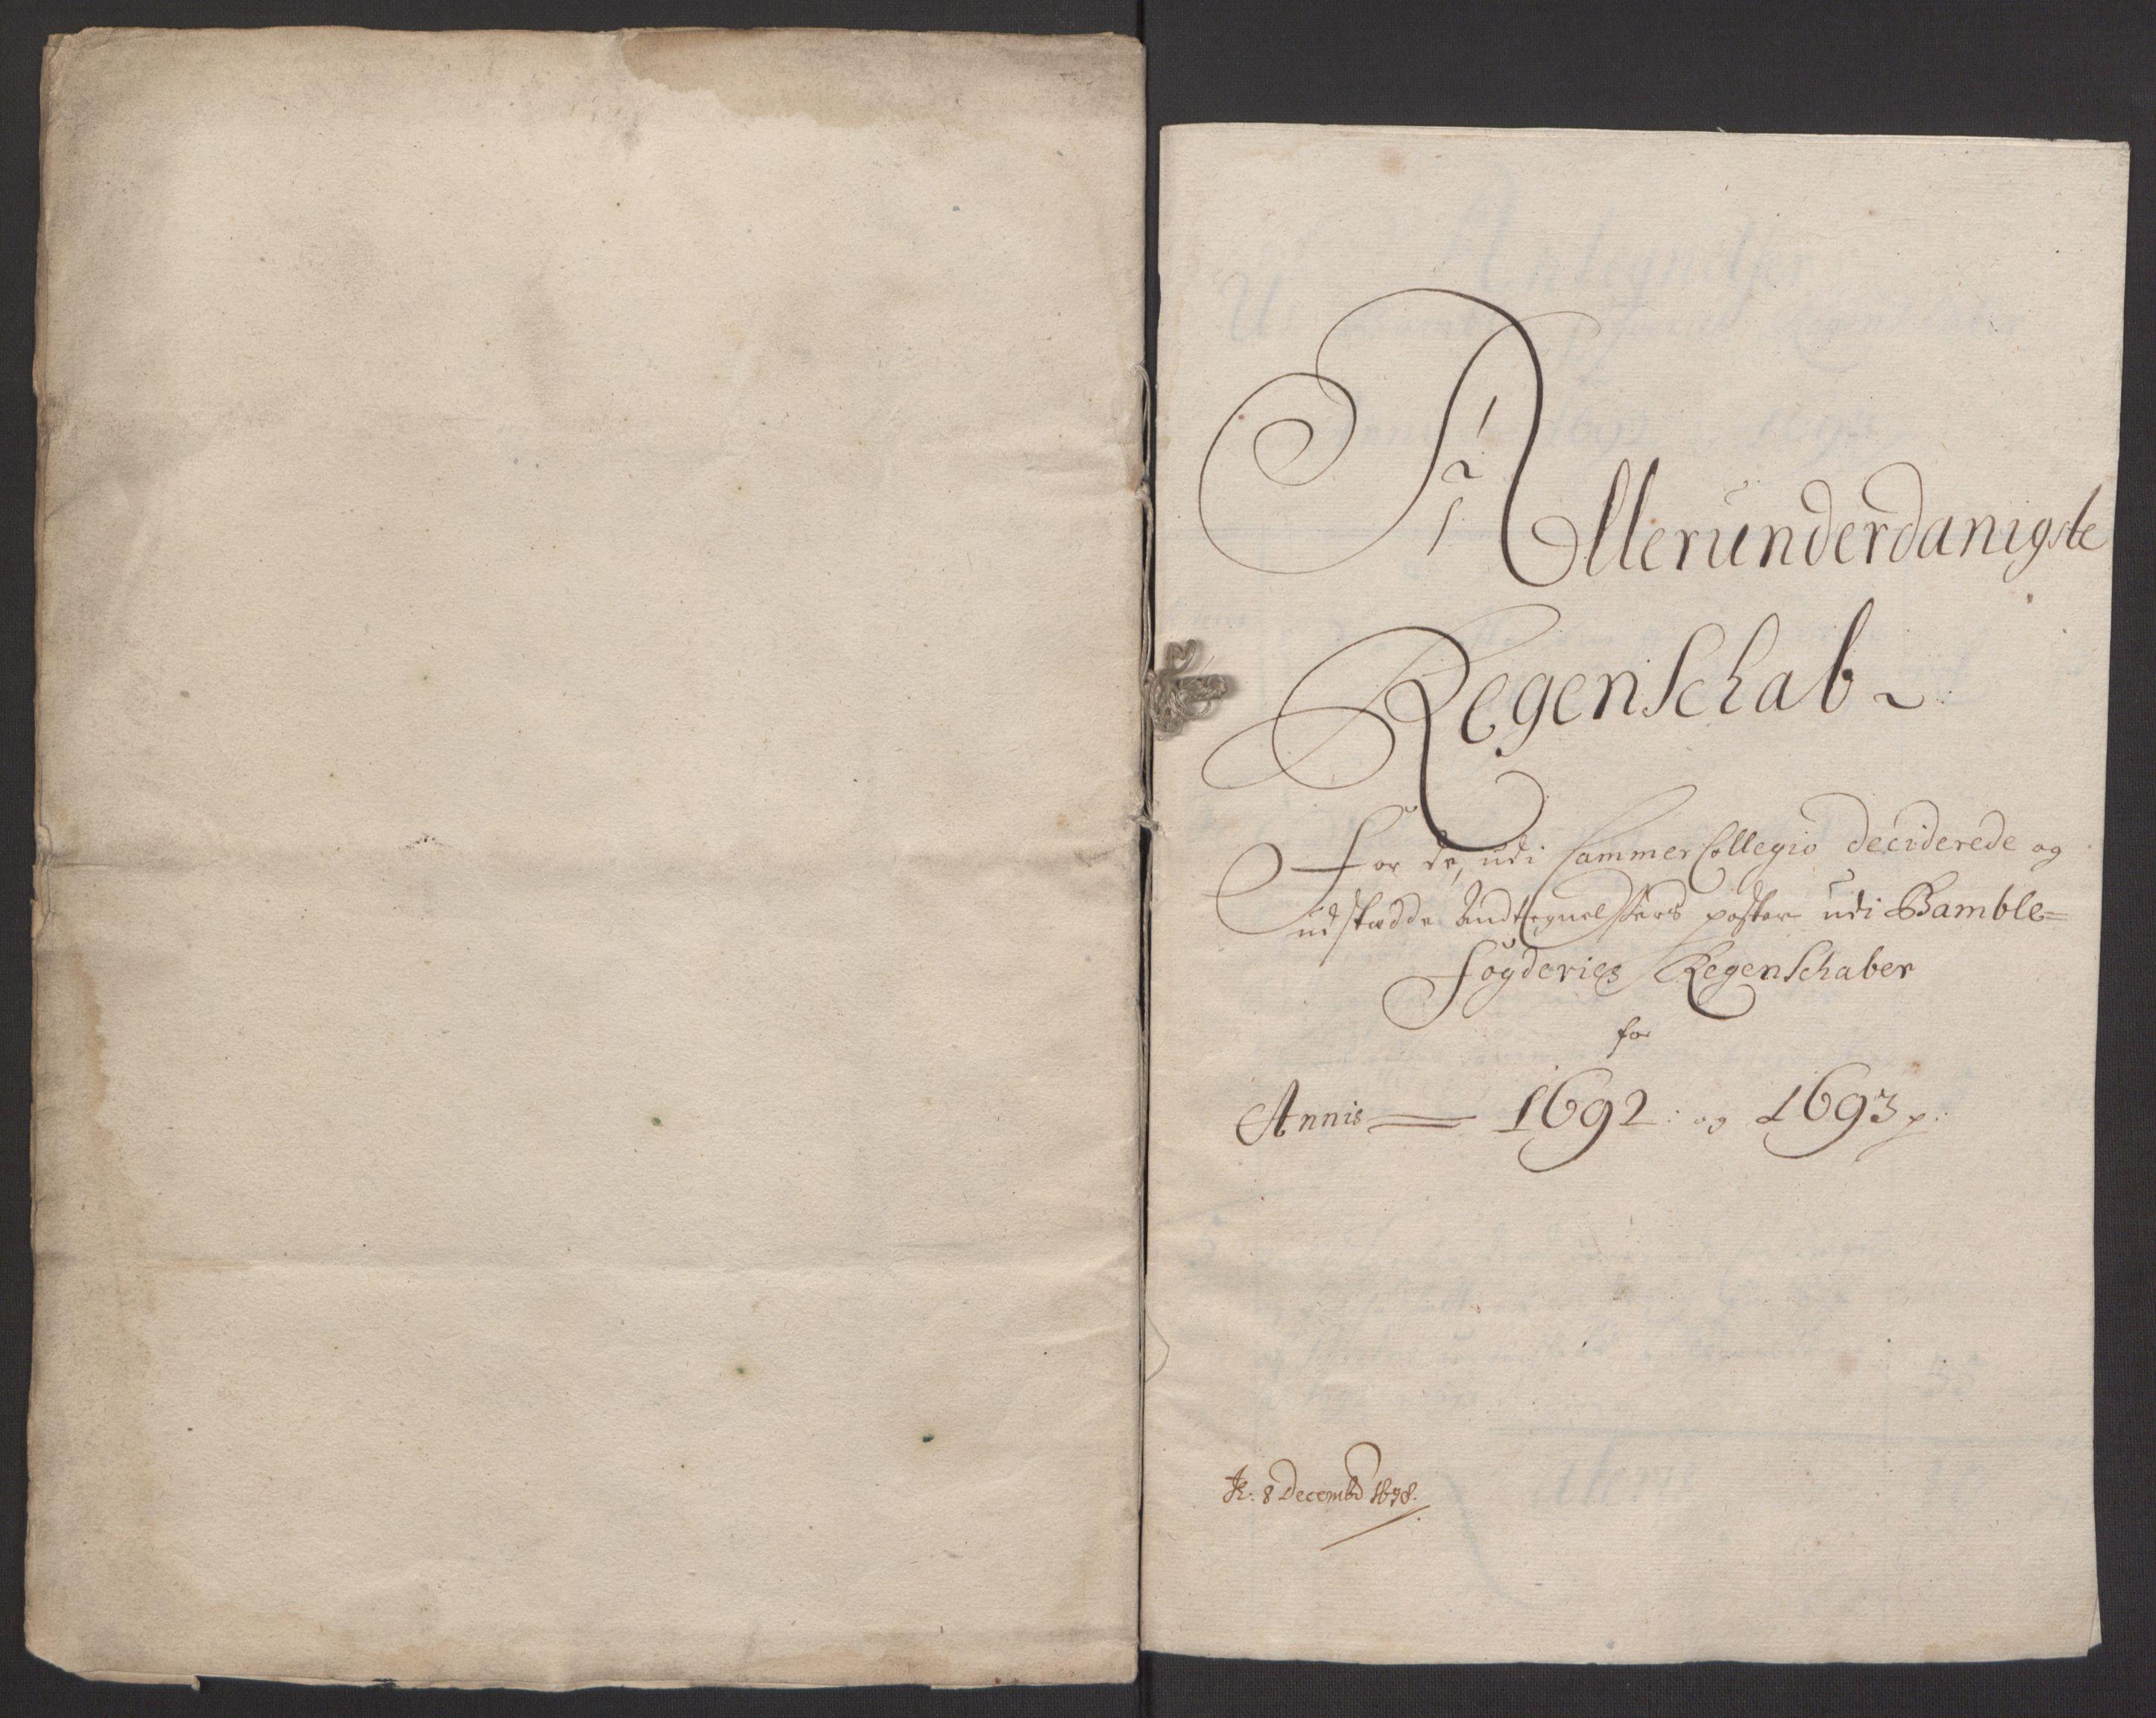 RA, Rentekammeret inntil 1814, Reviderte regnskaper, Fogderegnskap, R34/L2052: Fogderegnskap Bamble, 1692-1693, s. 292